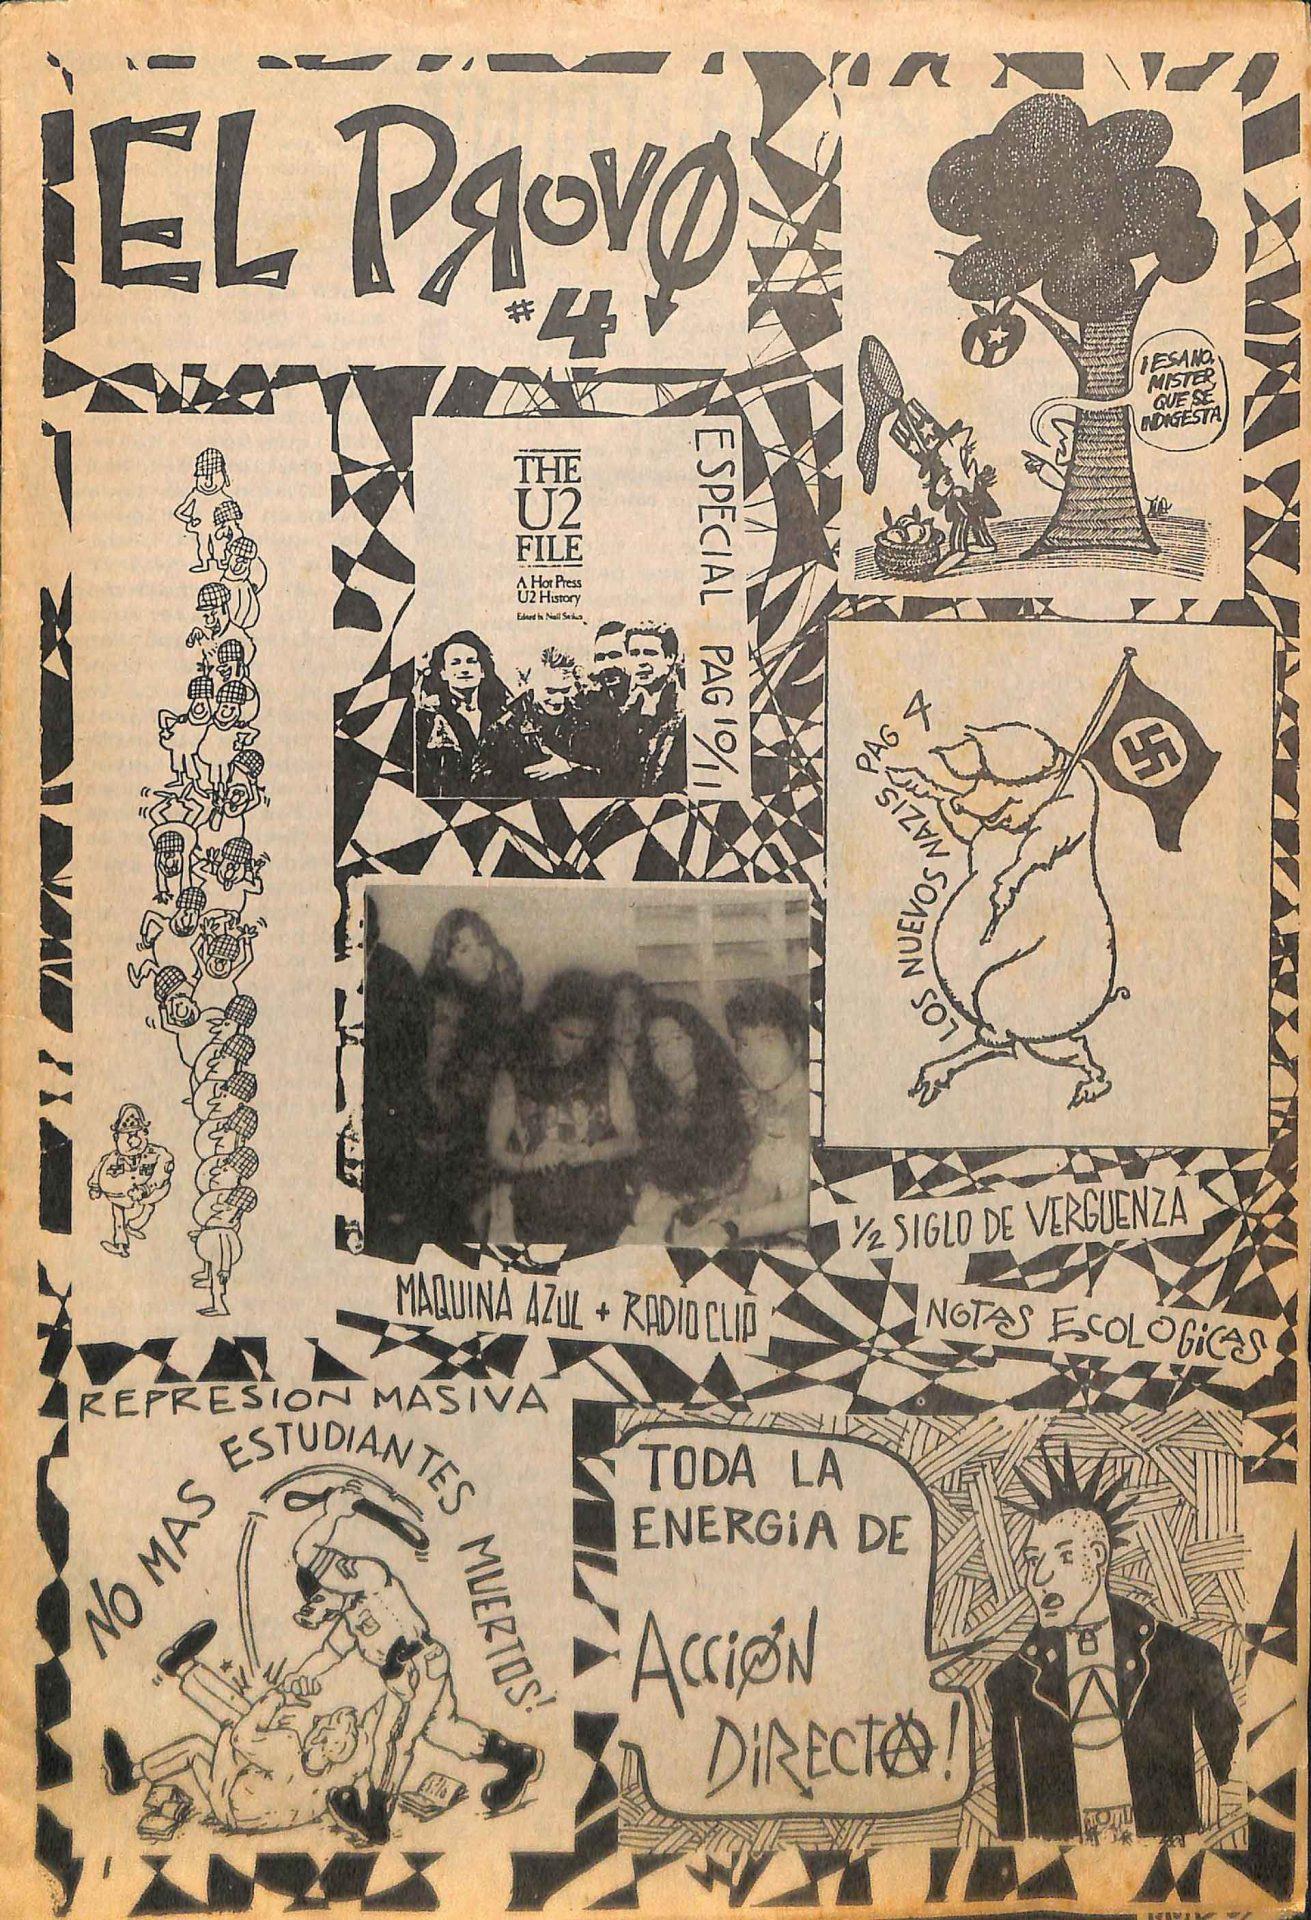 El Provo No. 4, 1992